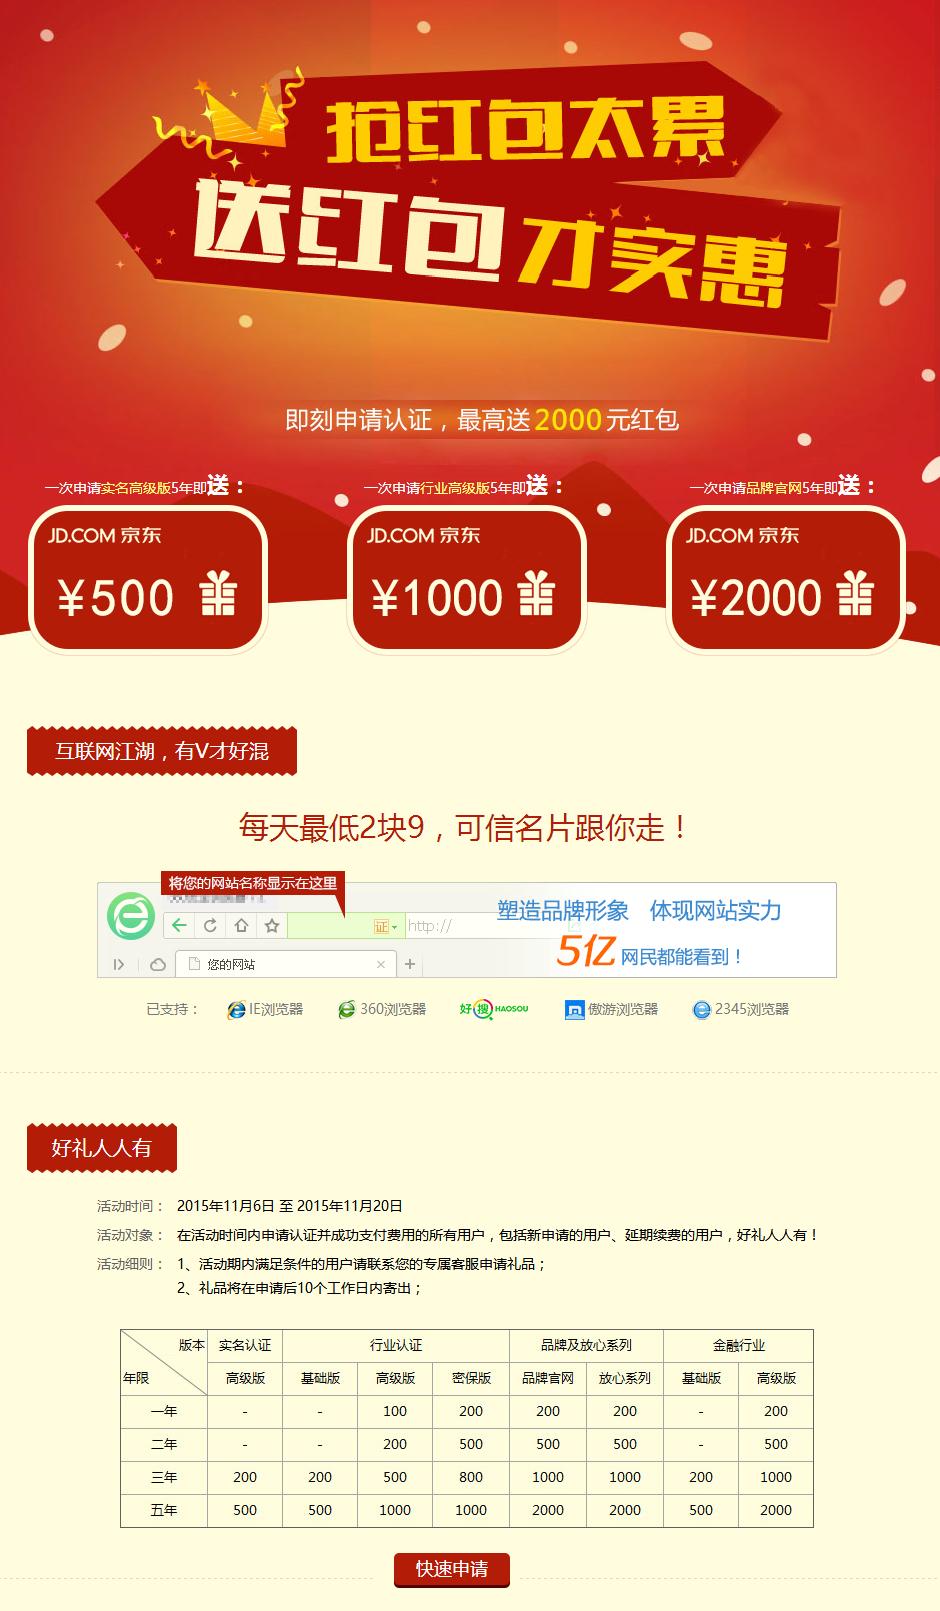 凭安科技双11送大礼 - 凭安科技网站认证.png